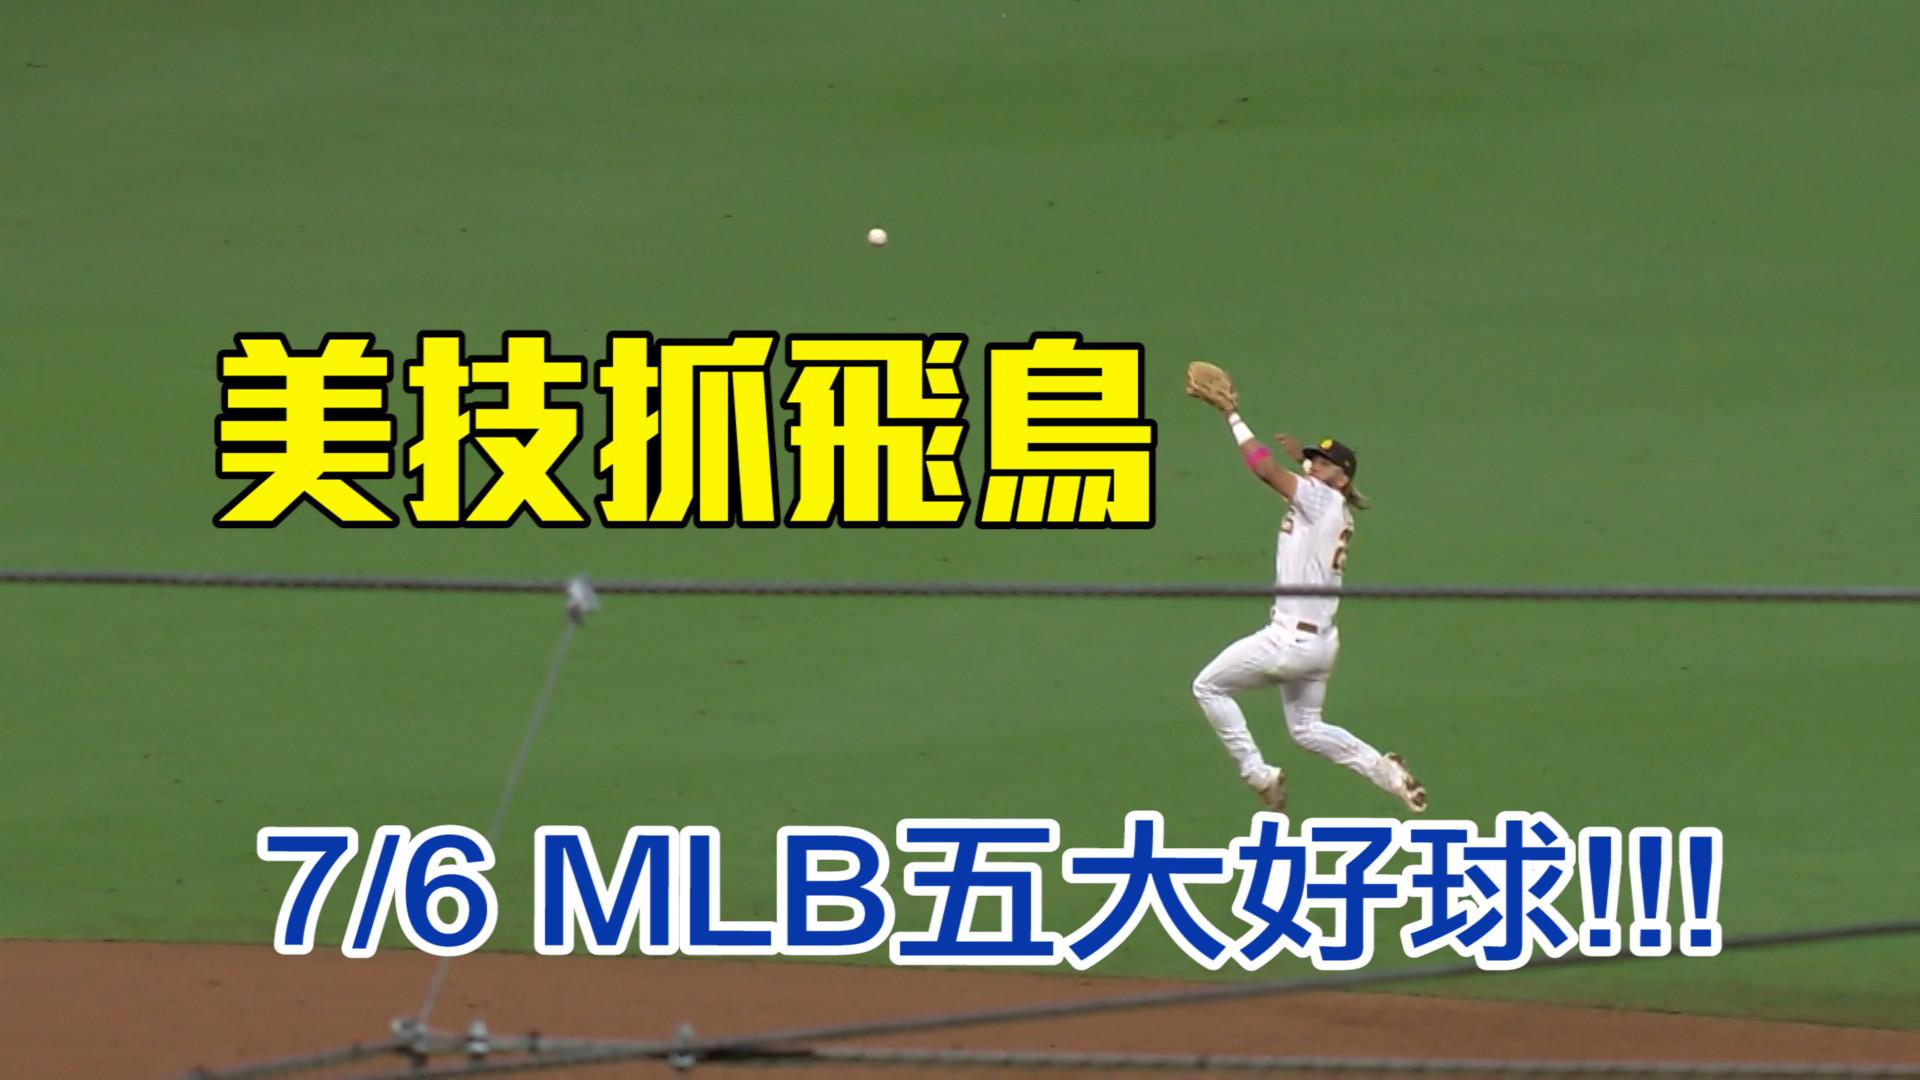 【MLB看愛爾達】MLB五大好球 各種接殺化解失分危機 07/06